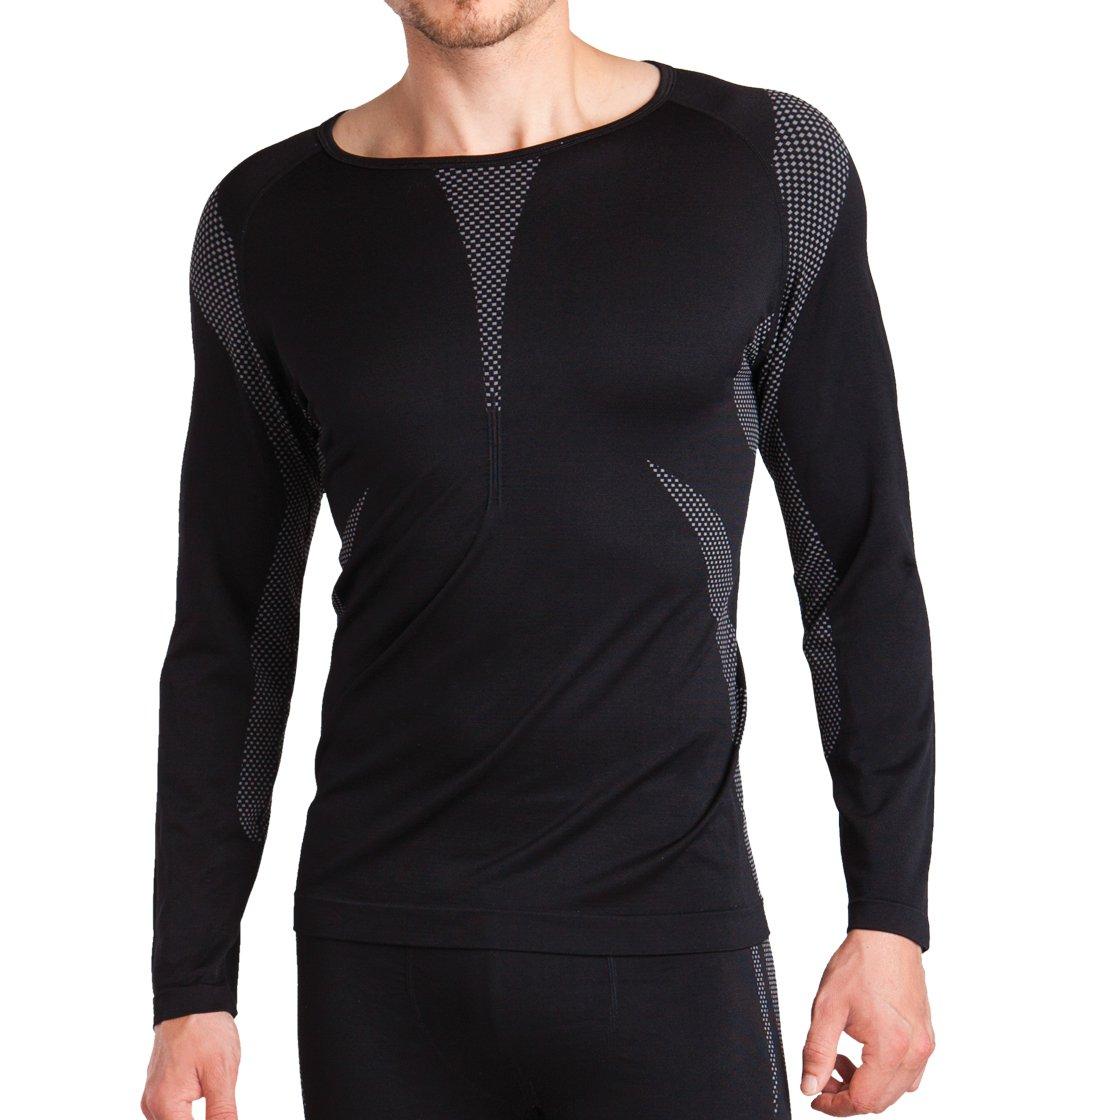 Sport Funktionswäsche Herren Langarm Hemd Seamless von celodoro - Ski-, Thermo- & Funktionsshirt ohne störende Nähte mit Elasthan in versch. Farben